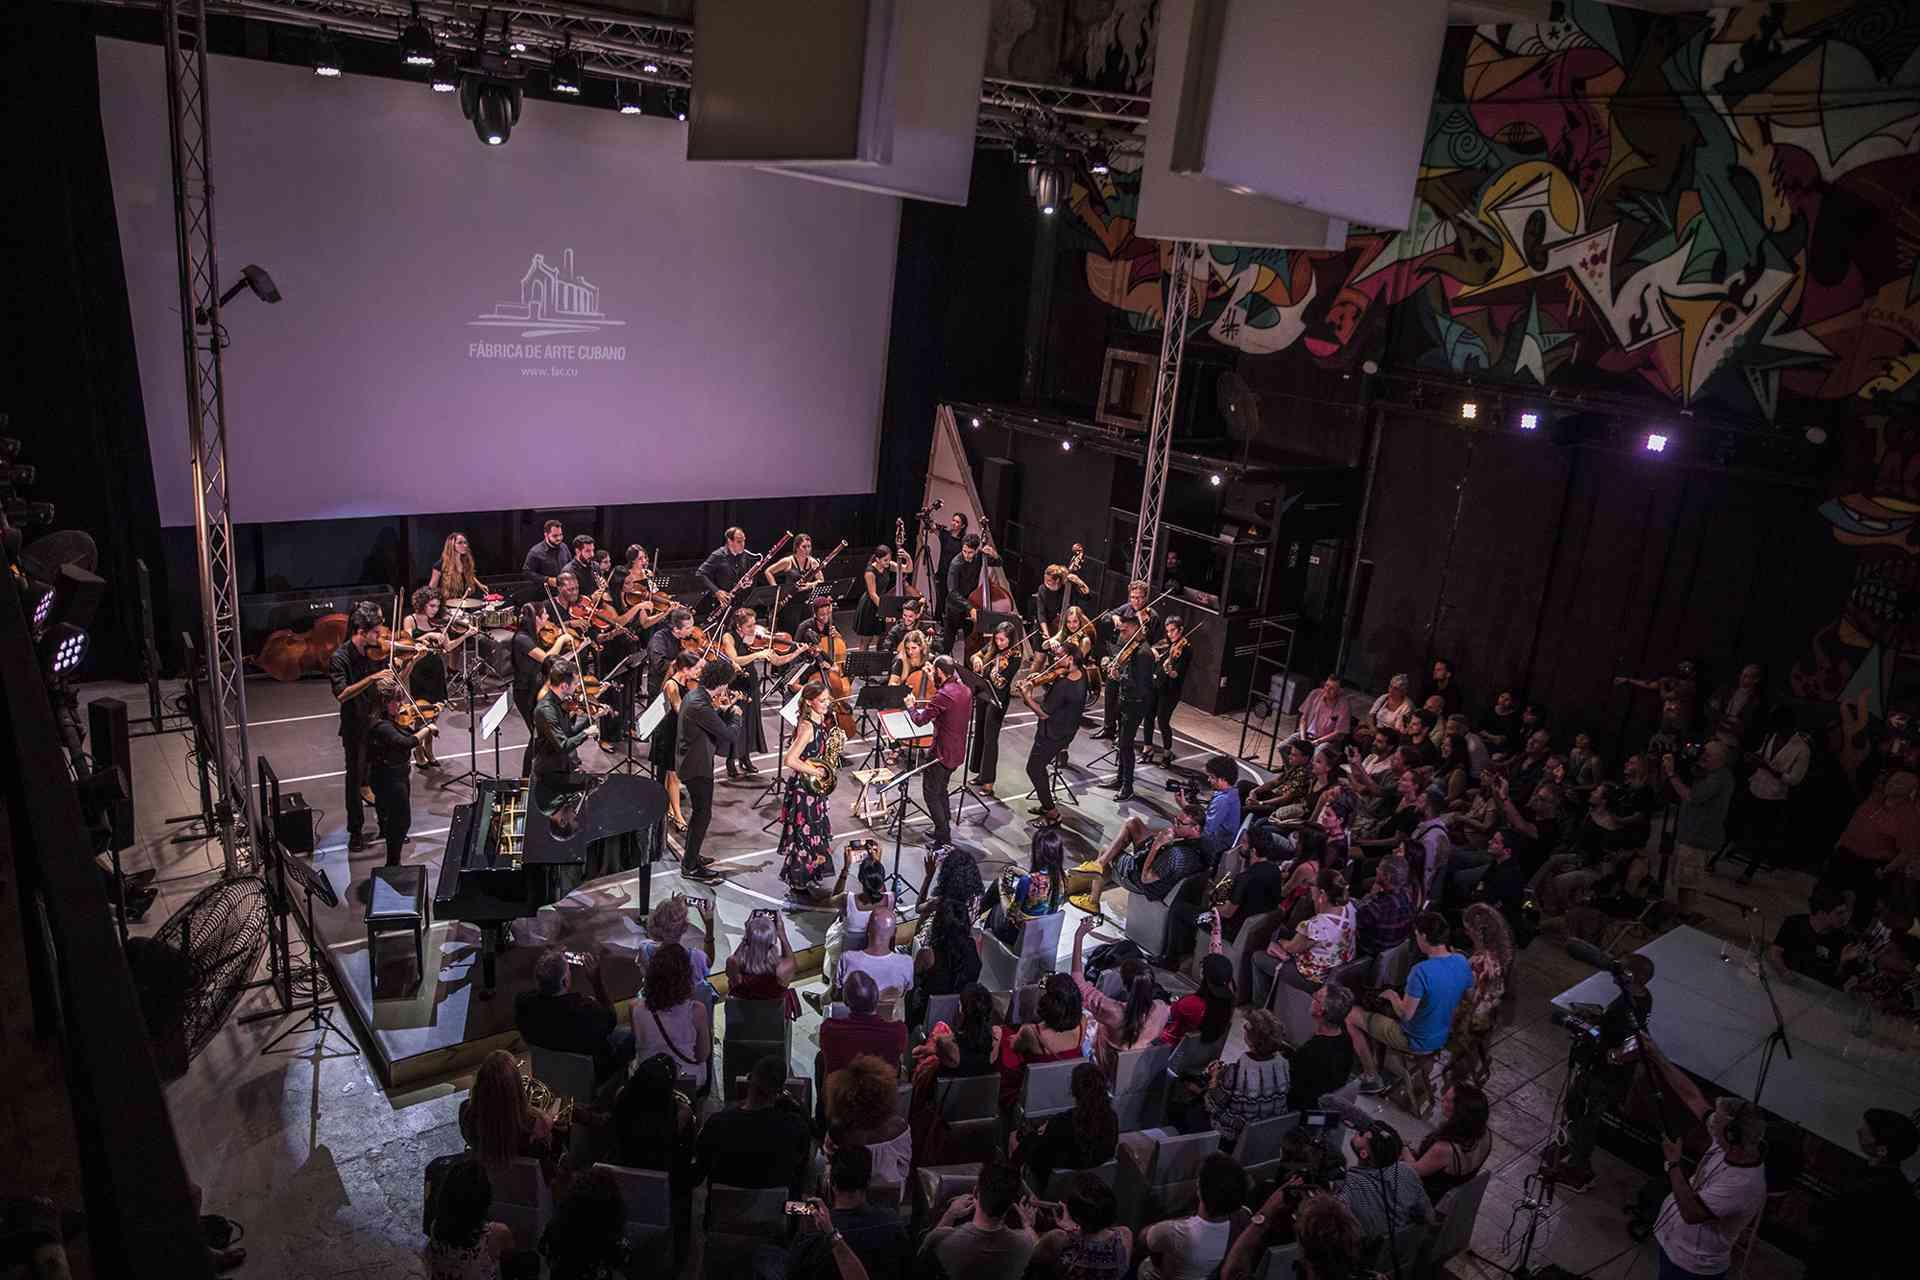 Concierto de Sarah Willis y la Orquesta del Lyceum de La Habana en Fábrica de Arte Cubano. Foto: Larisa López.